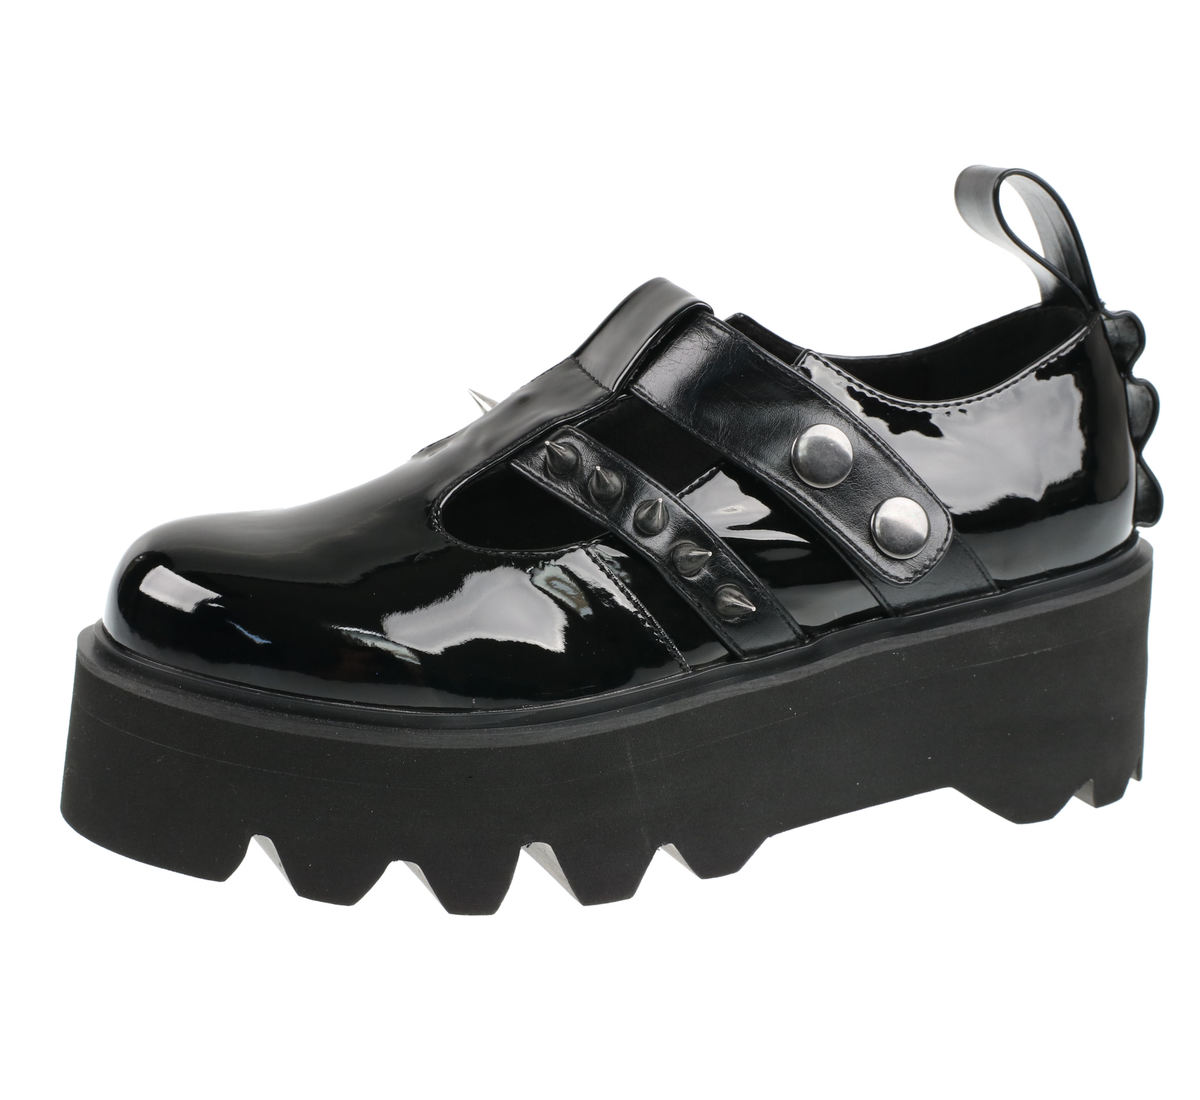 4e445c3e2cc67 topánky s klinom dámske - Violet - DISTURBIA - SS1884